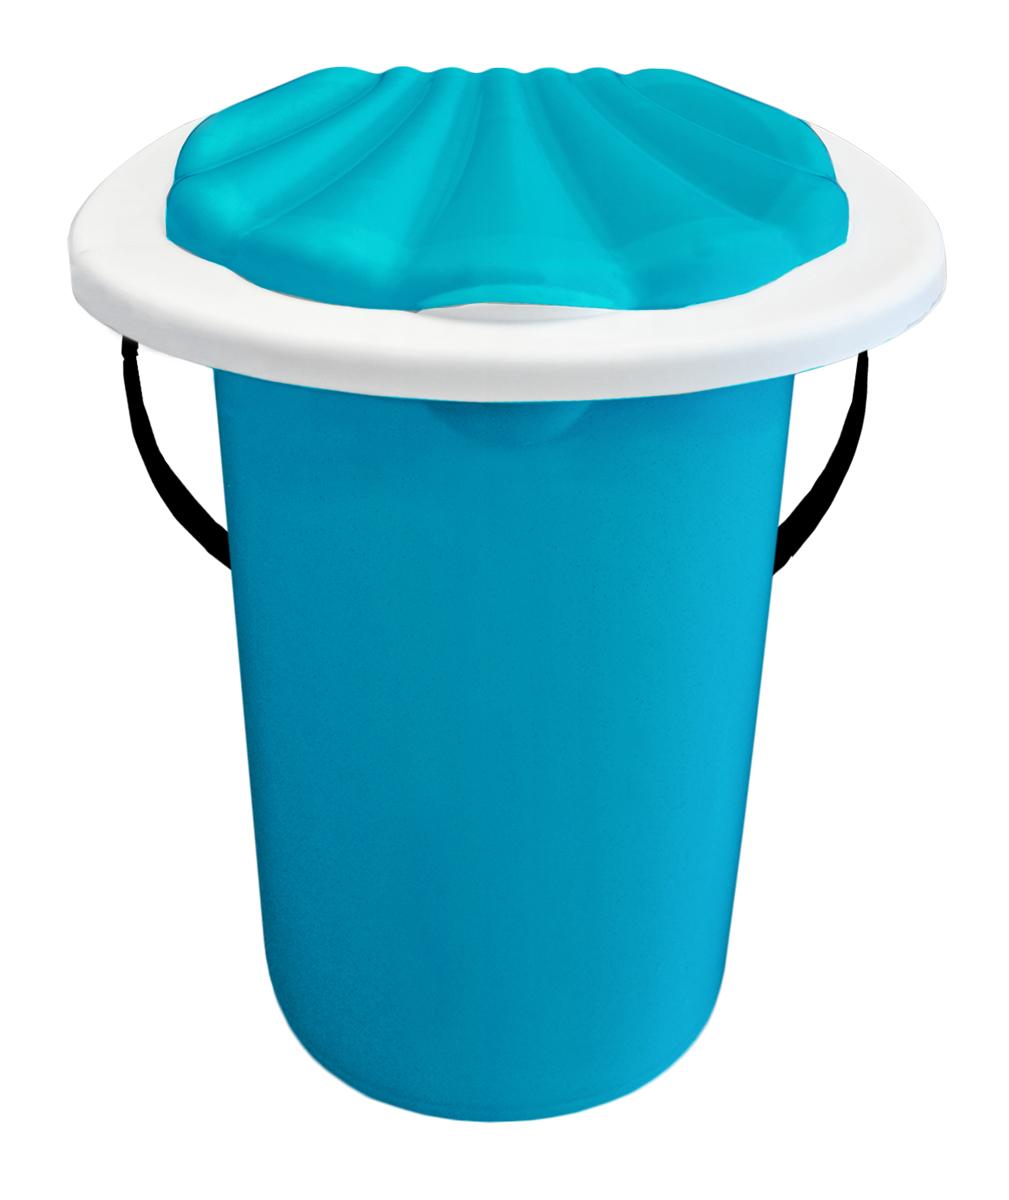 Ведро-туалет InGreen, цвет: светло-синий, 20 лING4001СВСНВедро-туалет InGreen выполнено из пластика. Этонезаменимая вещь на даче, а также для пожилых людей илюдей с ограниченными возможностями. Устойчивое ивысокое ведро удобно в использовании. Ведро-туалет имеетэргономичное съемное сиденье - это позволит легко его мытьи сушить отдельно. Ведро снабжено крышкой, что препятствуетраспространению неприятных запахов. Прочный пластиквыдержит даже людей с большим весом.